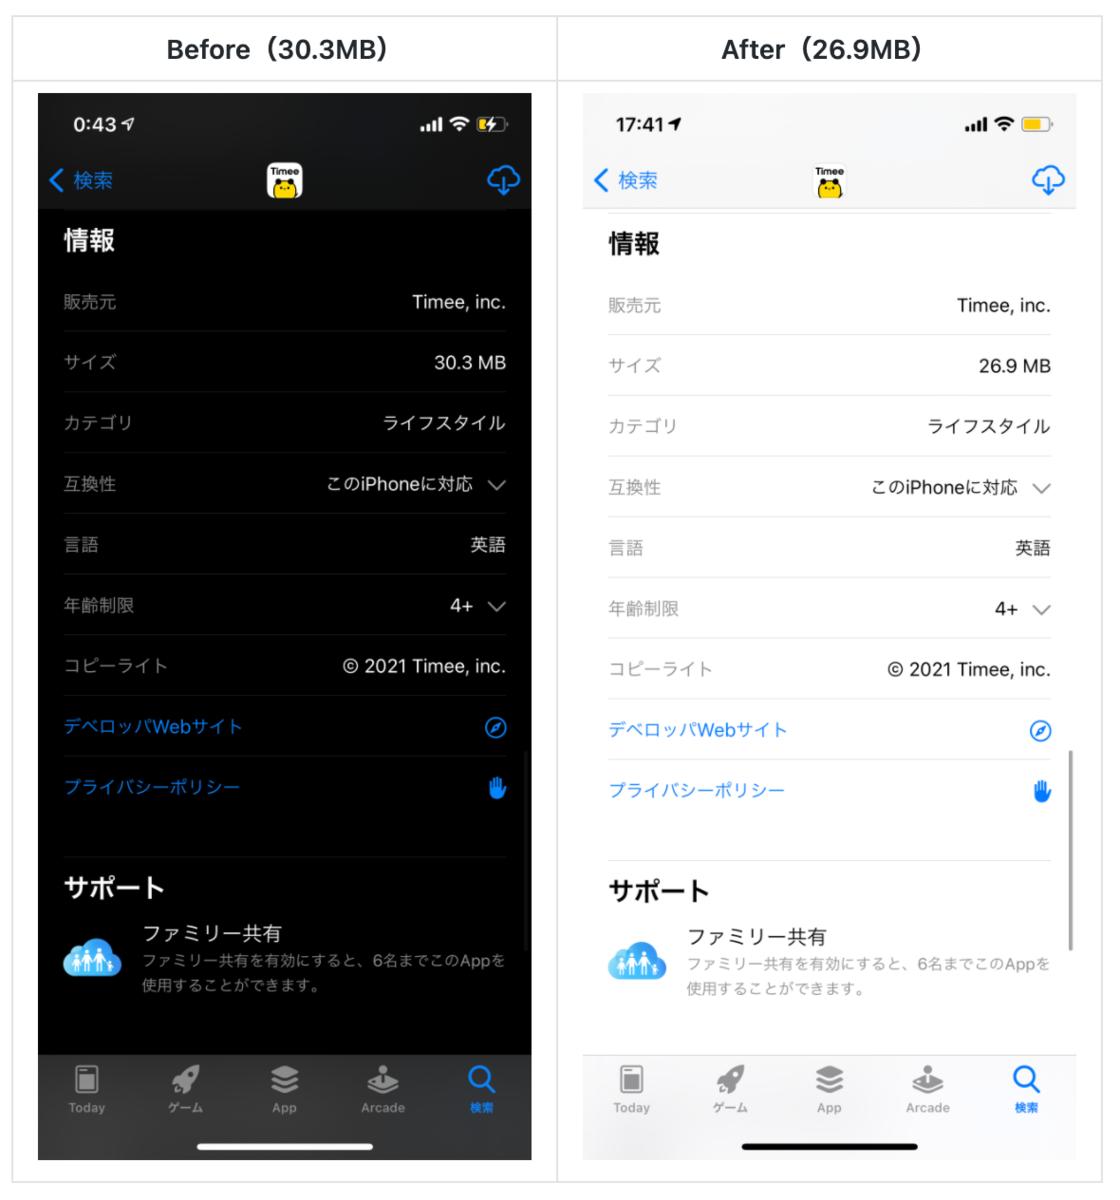 アプリサイズのBefore/After